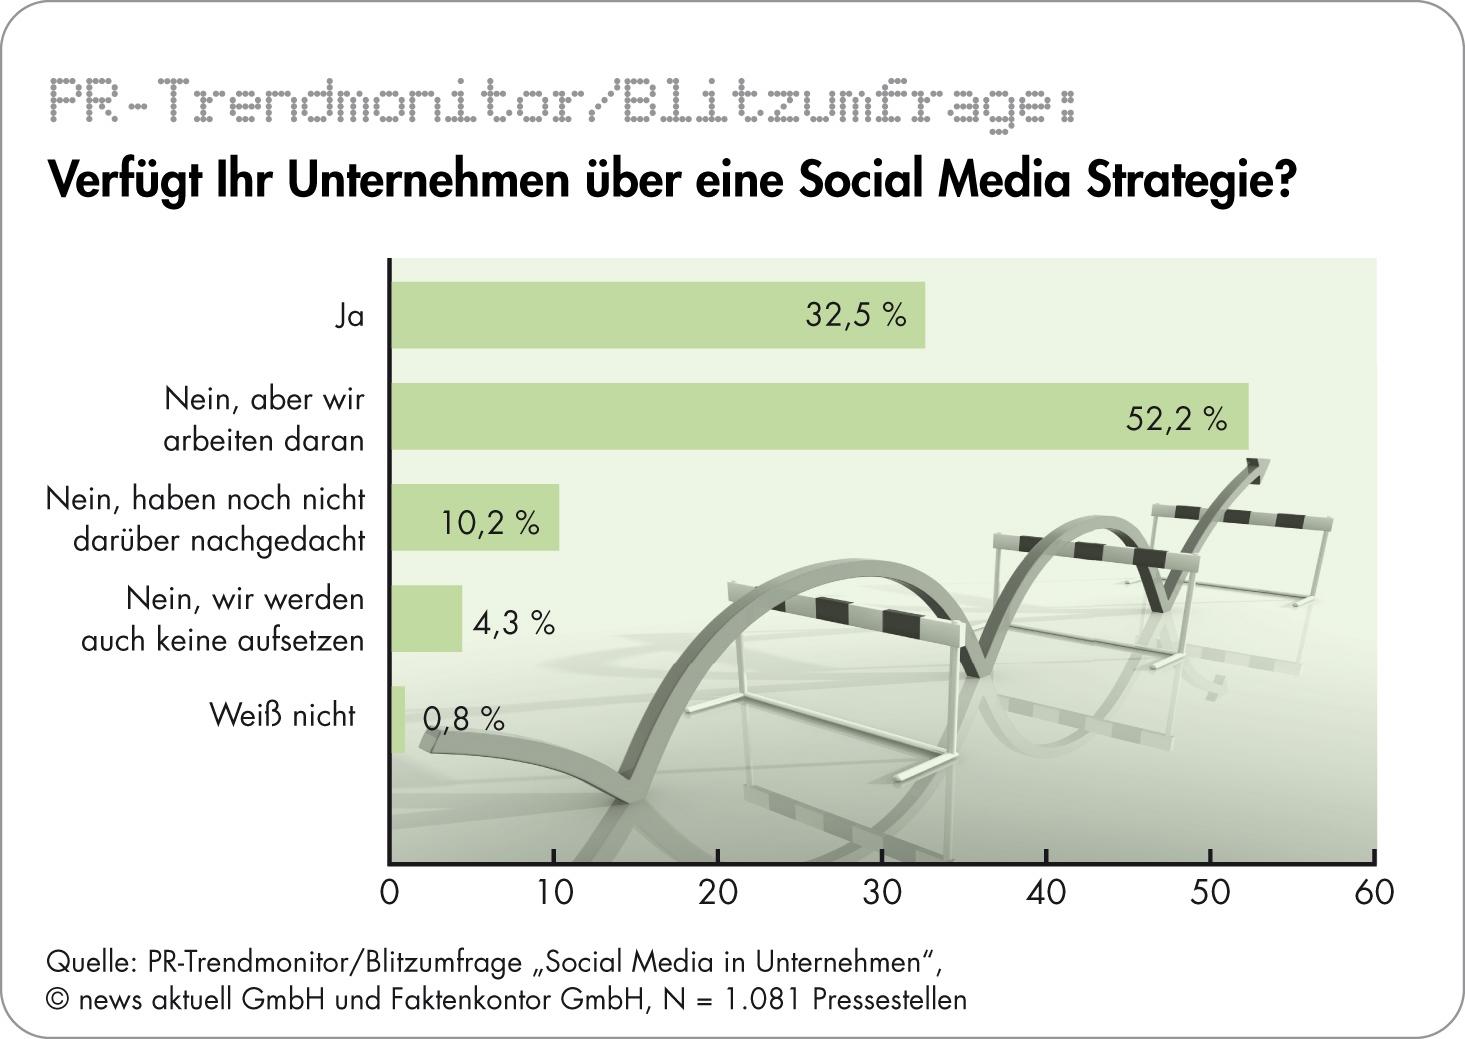 presseportal.de, 02.06.2010: Nur jedes dritte Unternehmen hat eine Social-Media-Strategie